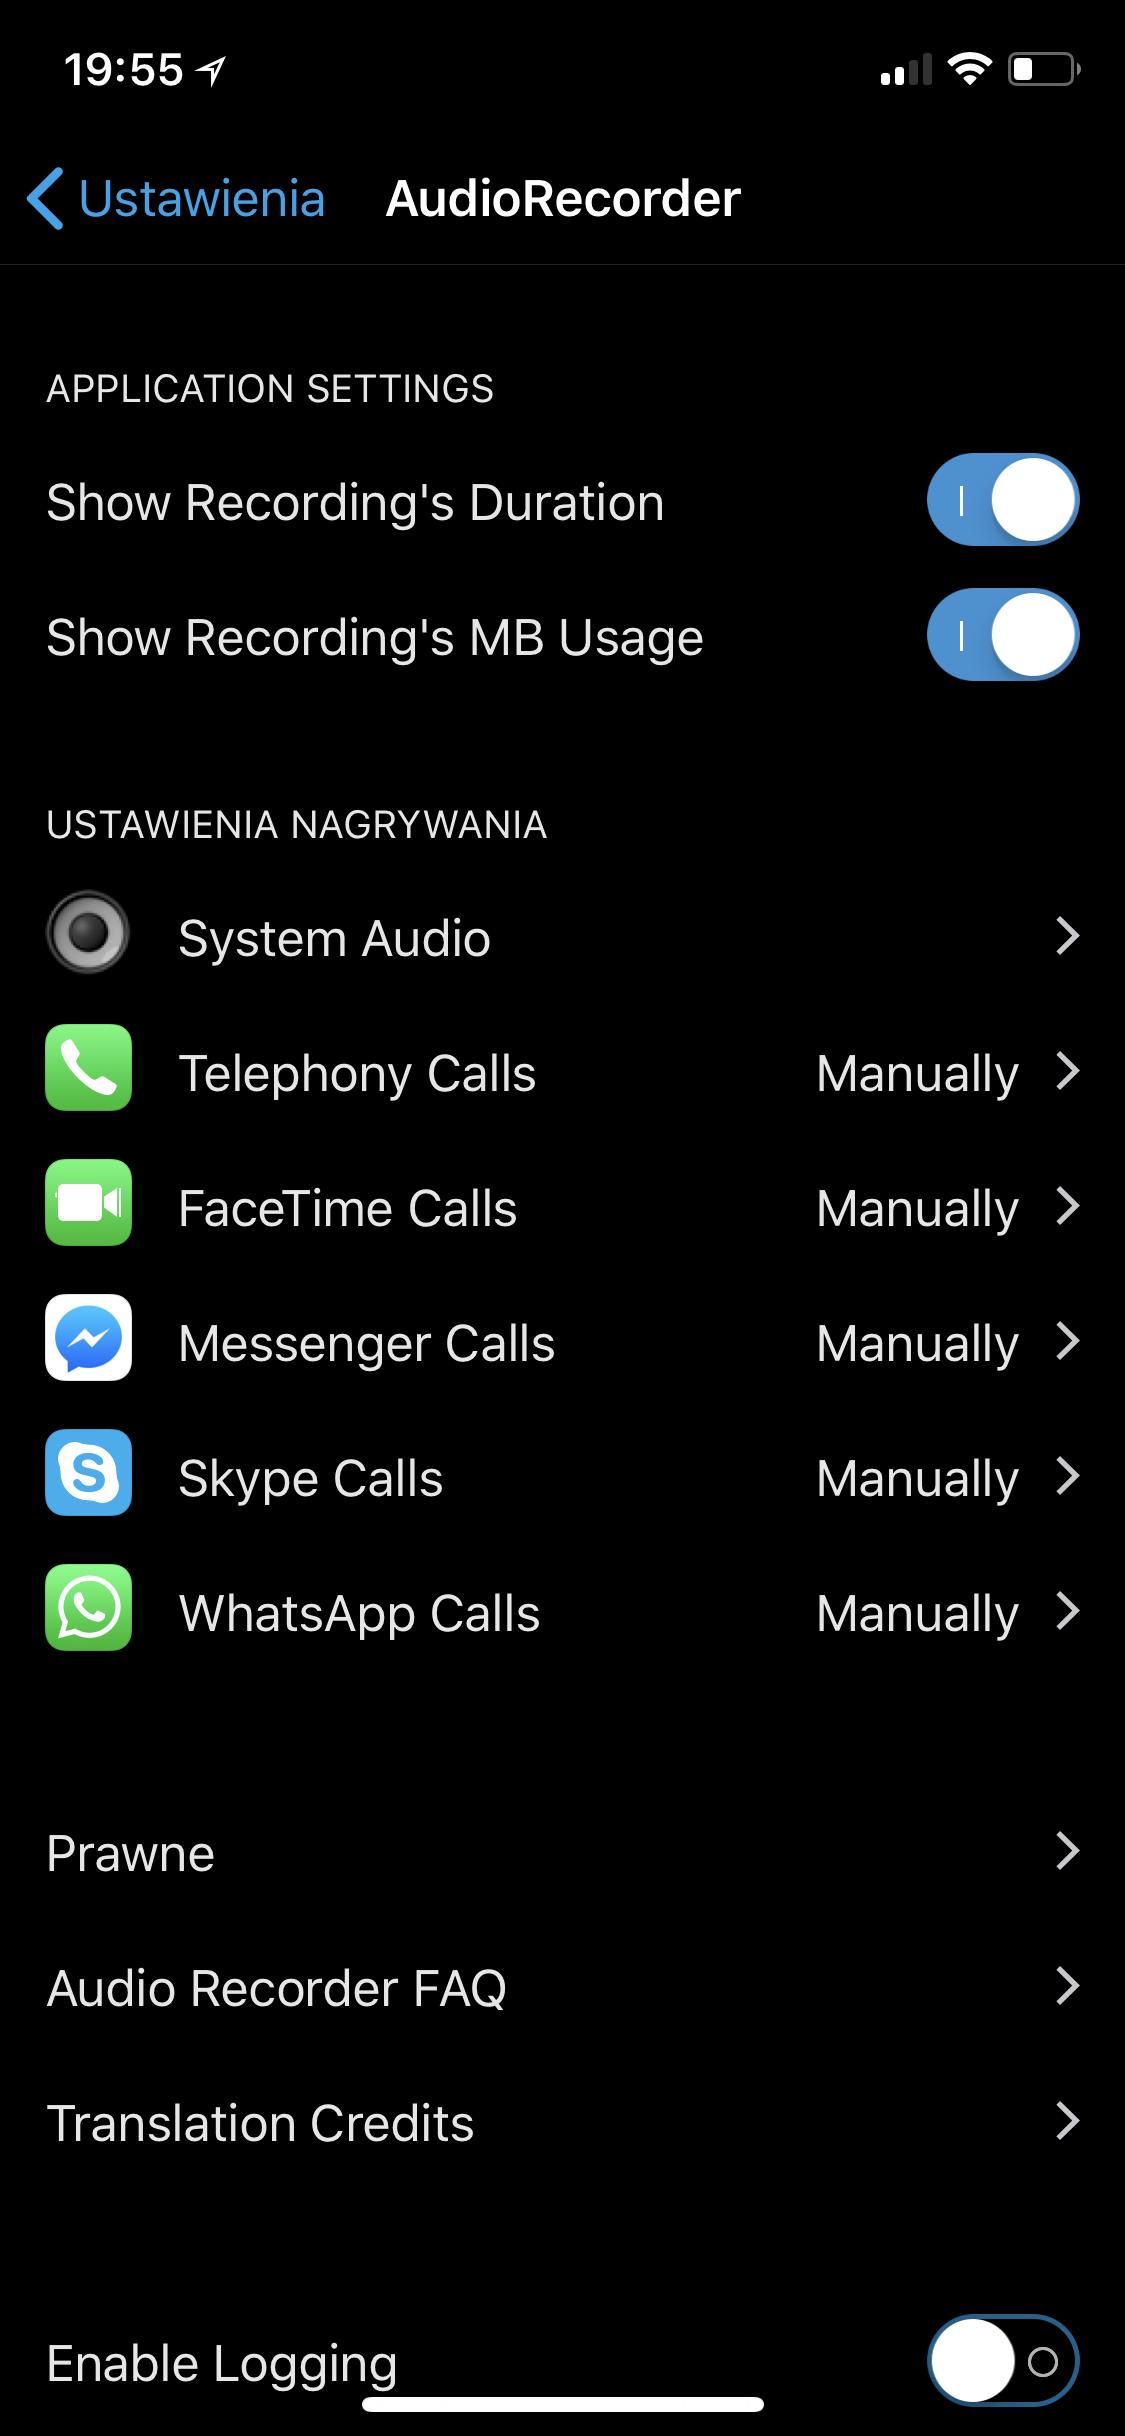 Nagrywanie Rozmów W Iphone Jak Nagrywać Rozmowy W Iphone Serwis Iphone Szczecin Applemobile Pl